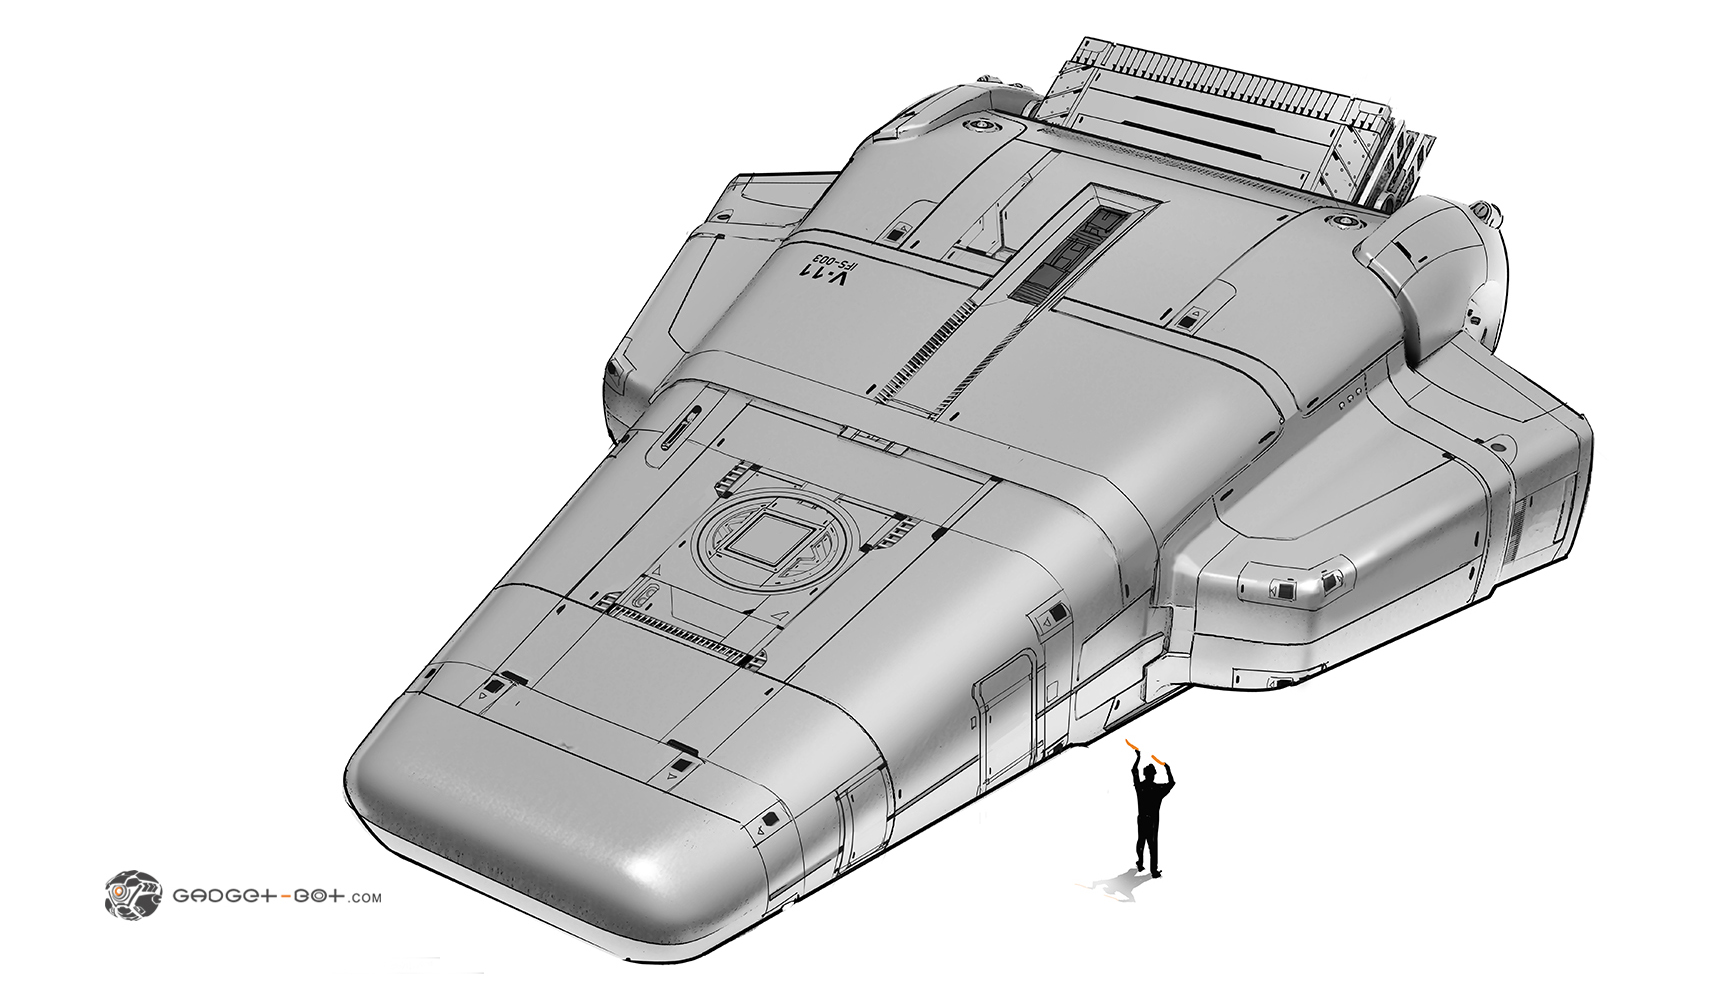 Enders_Game_Shuttle.jpg